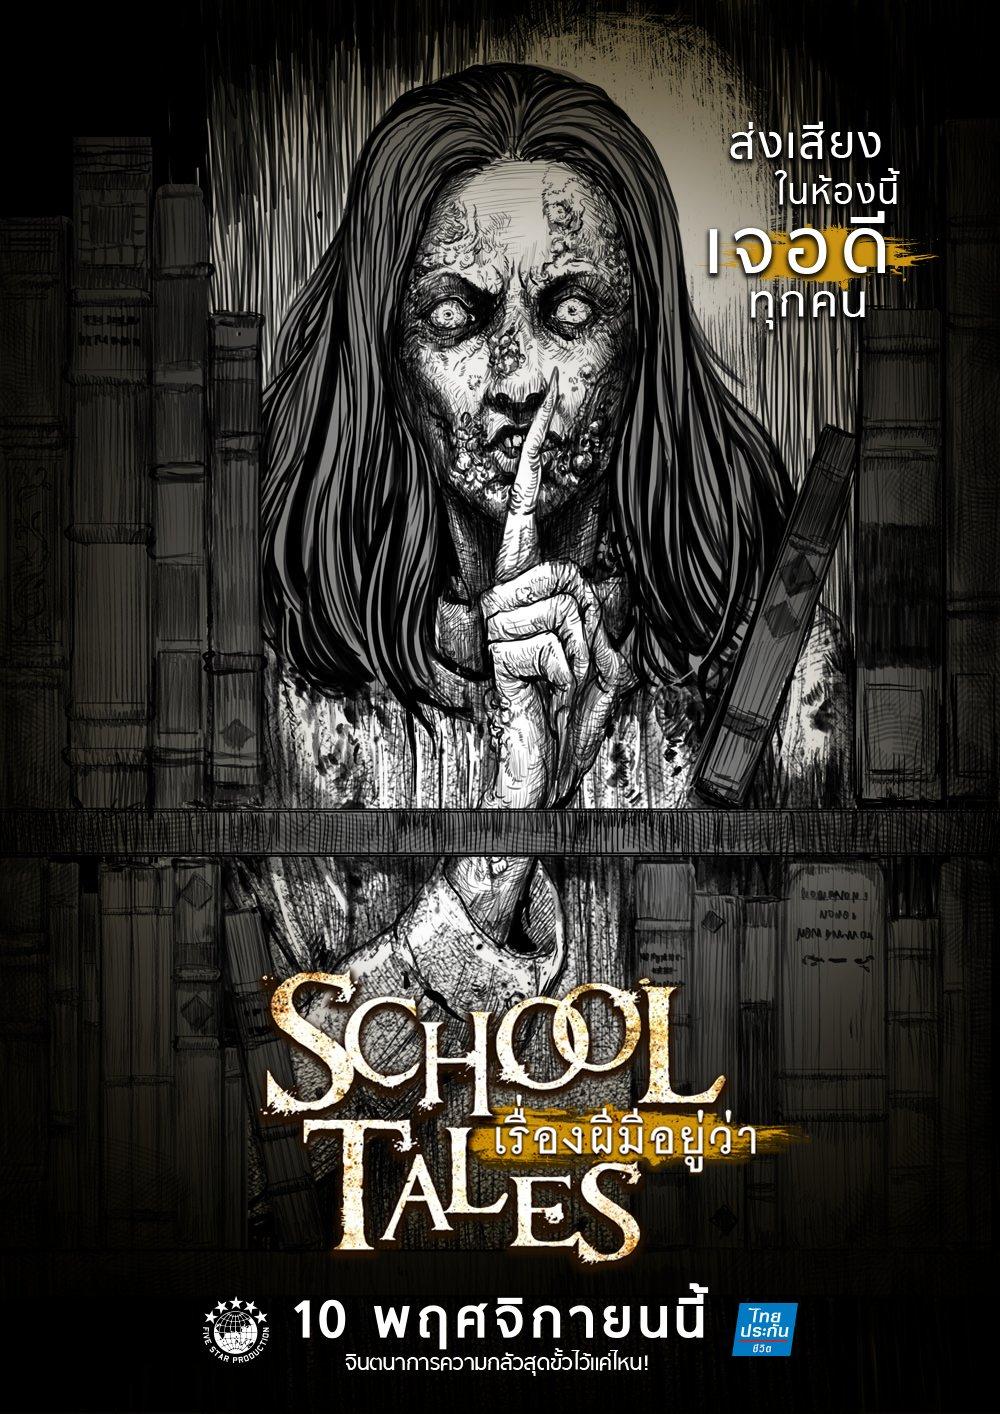 ผลการค้นหารูปภาพสำหรับ SCHOOL TALES poster